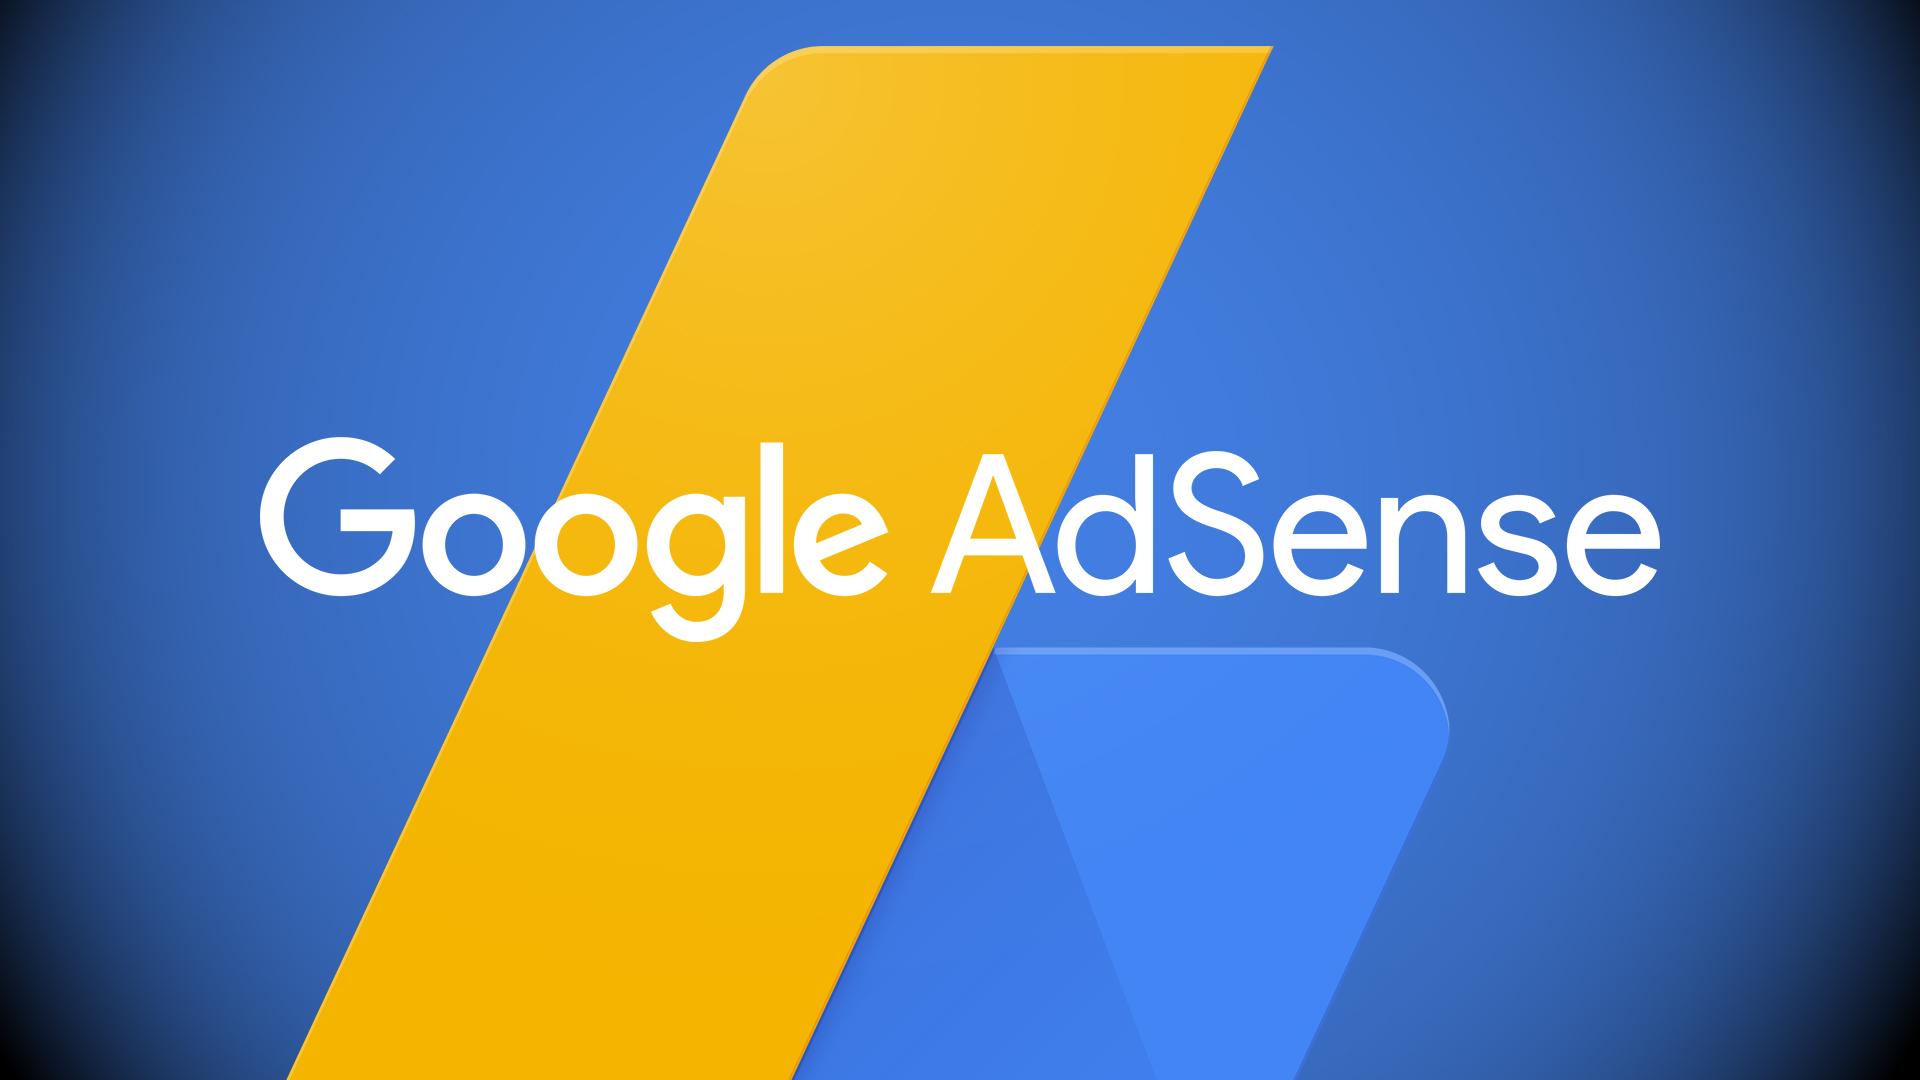 گوگل ادسنس چیست؟